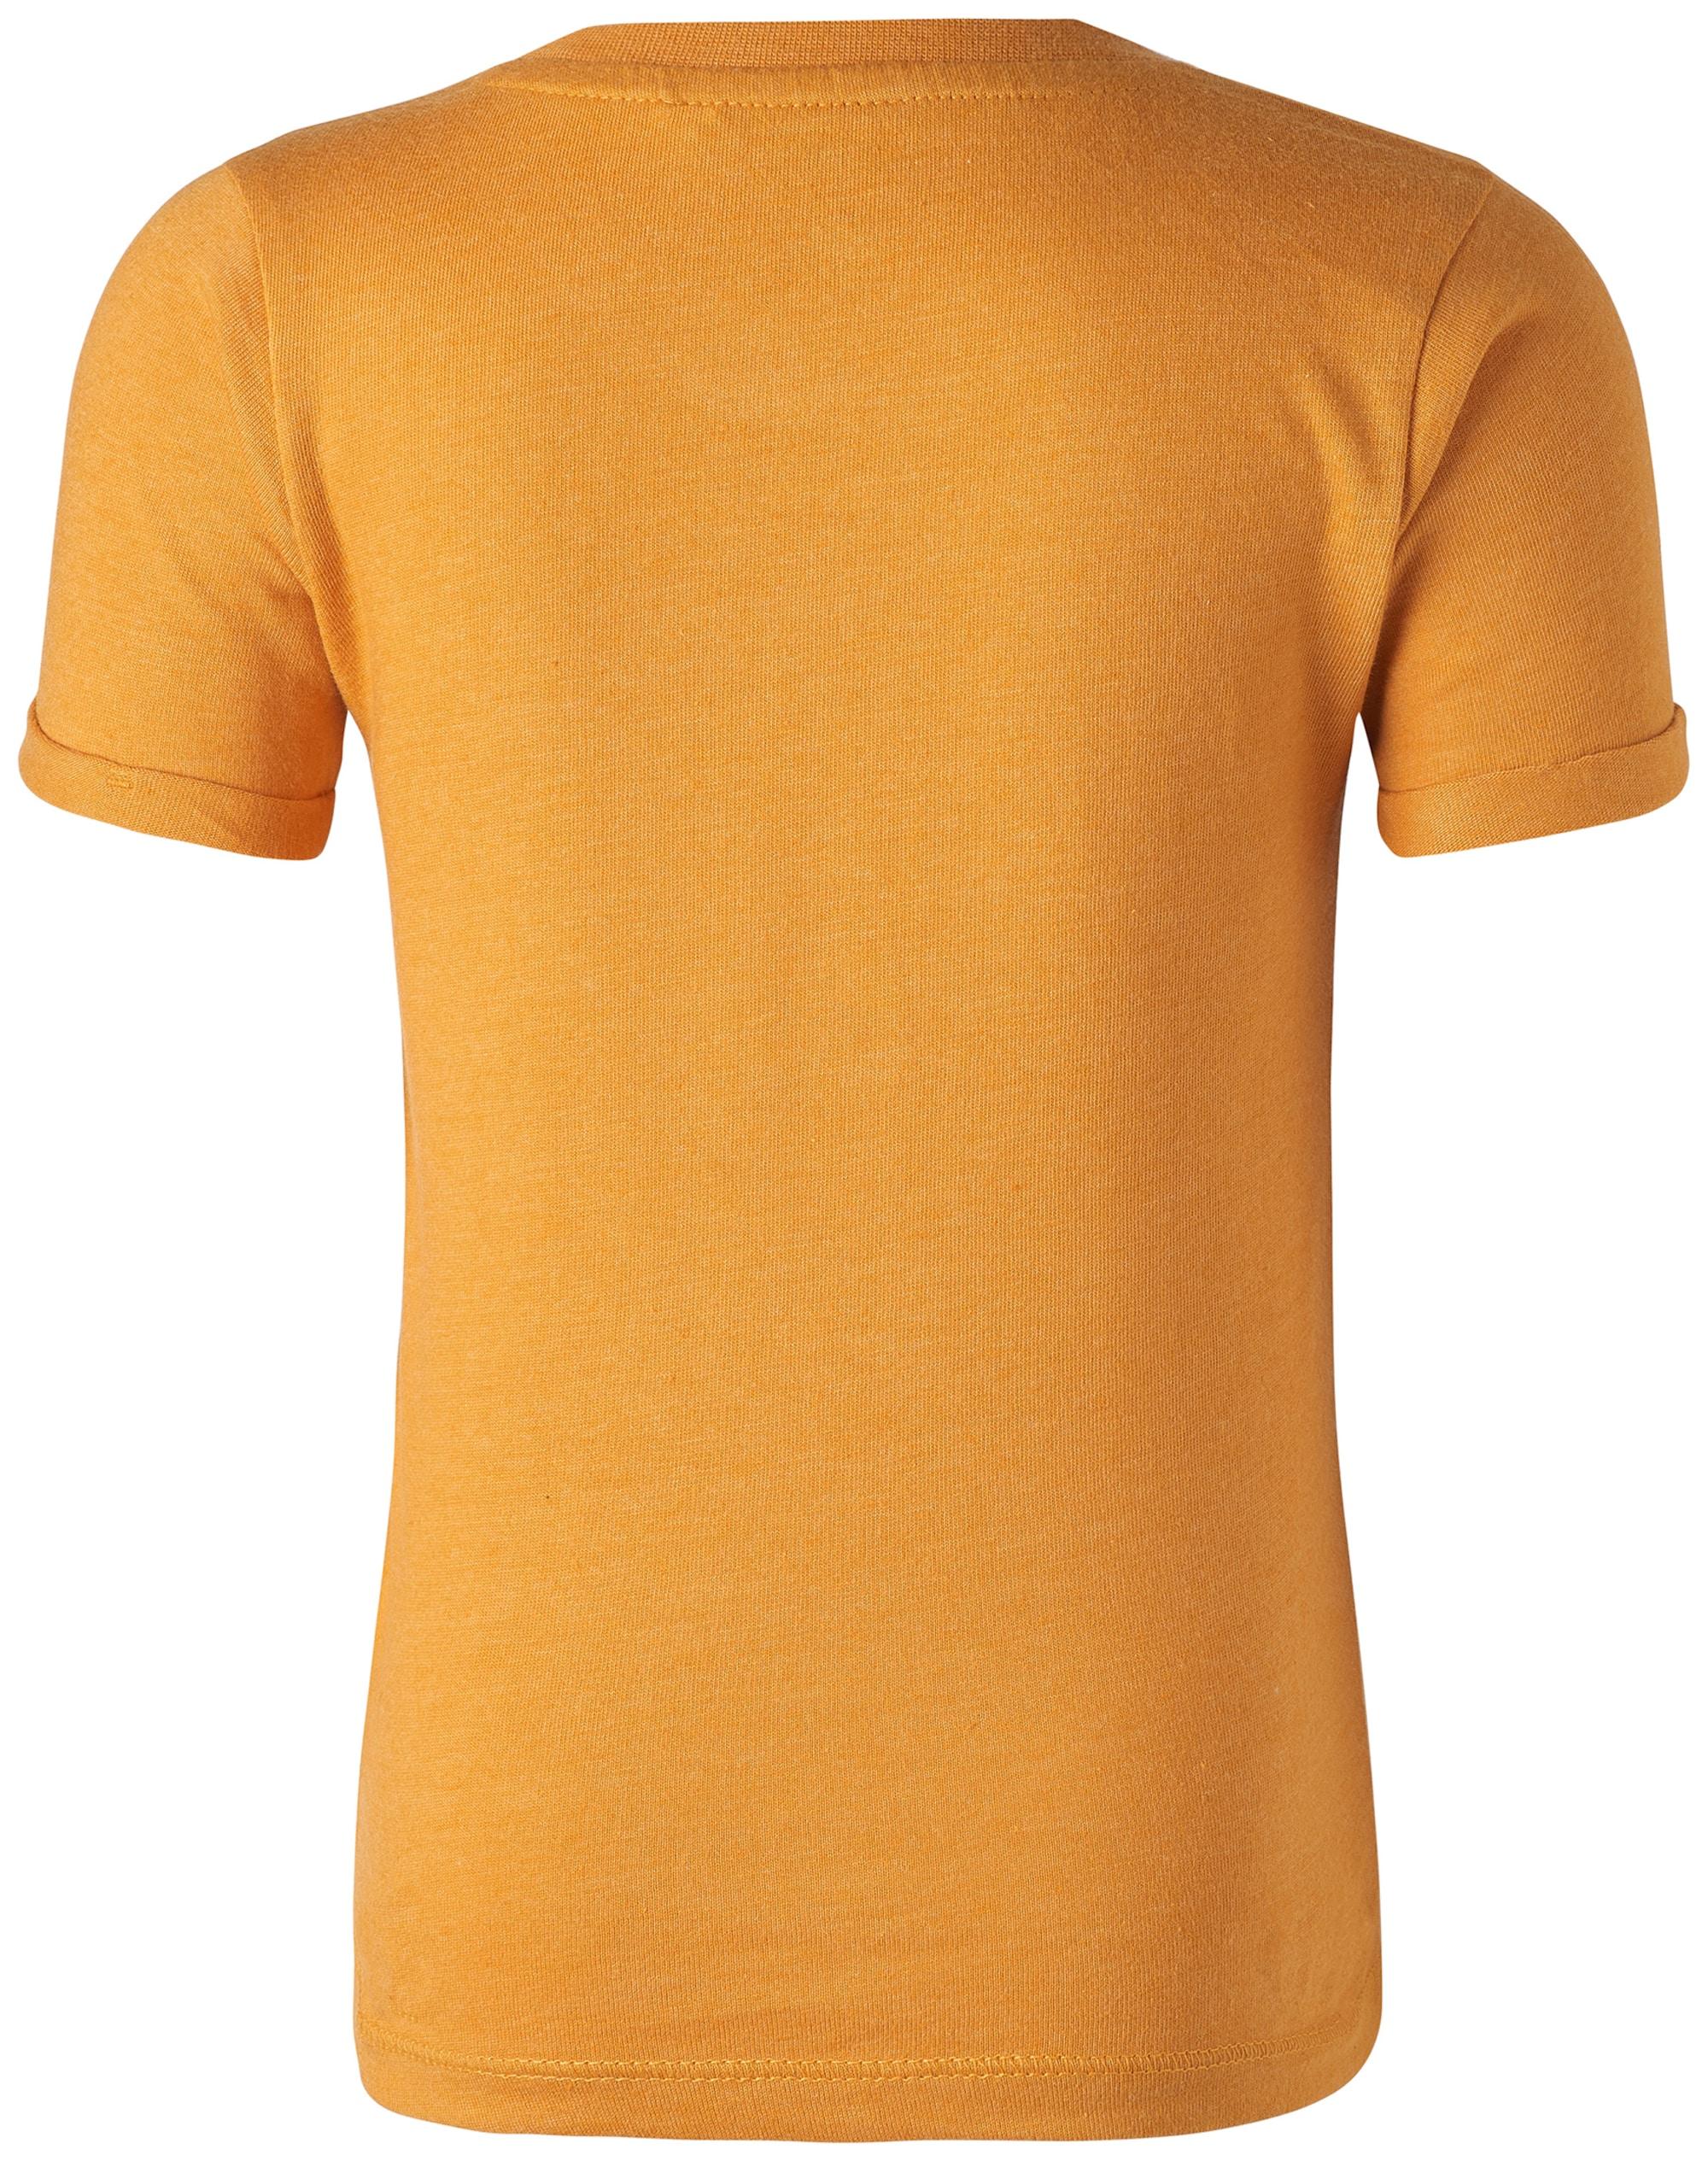 Noppies, Jongens Shirt Lassy, geel / grijs / wit